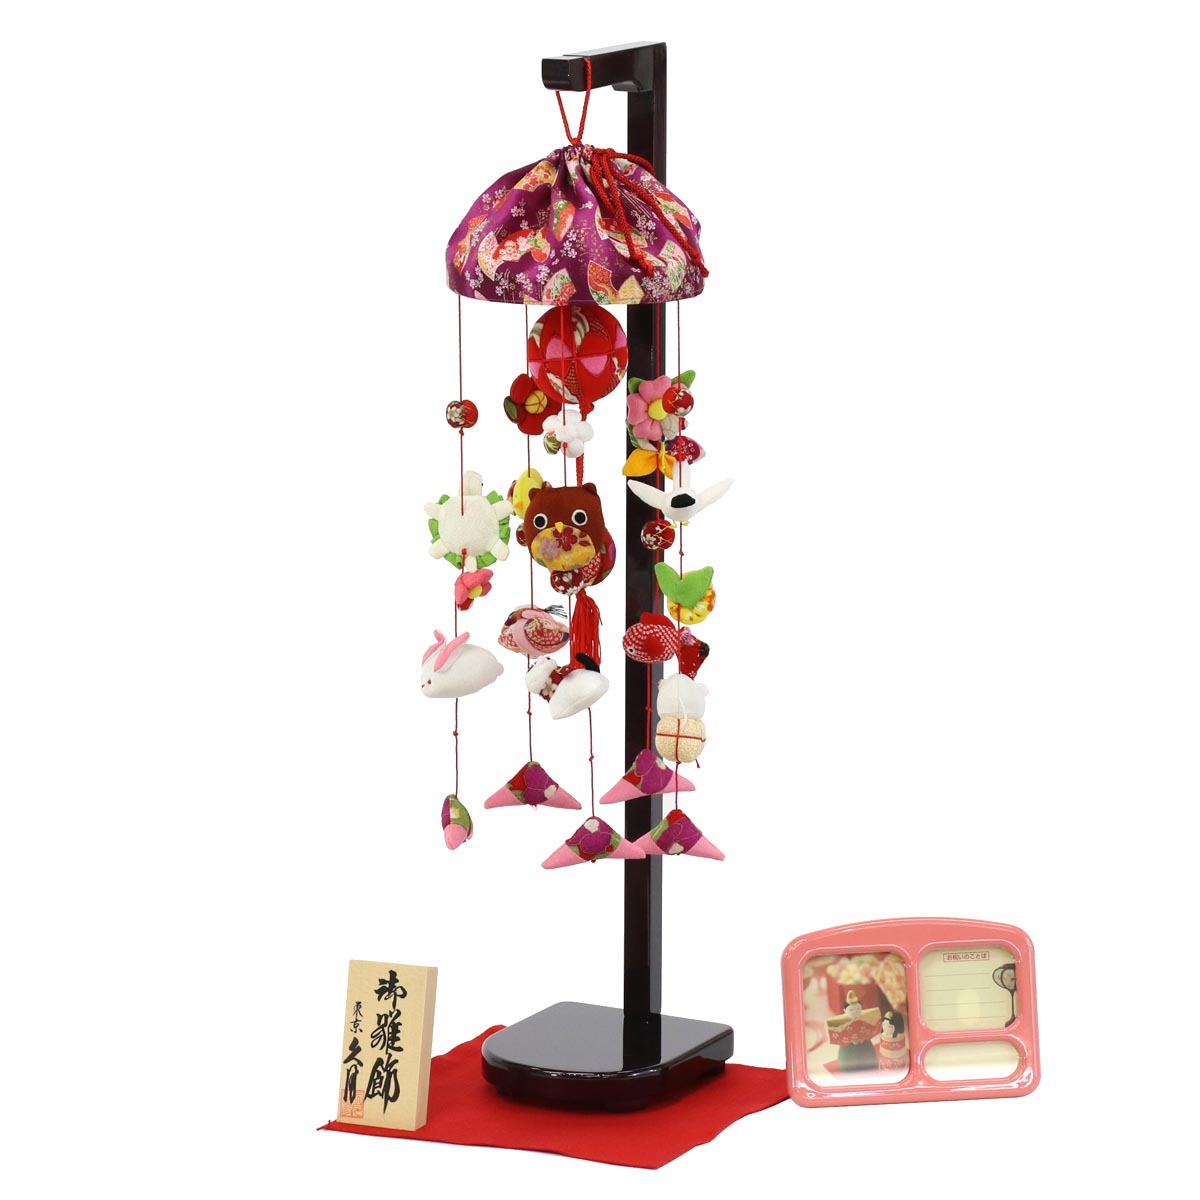 久月 つるし雛 舞つるし (小) 紫 スタンド付 オルゴール付 TRS-Q-SI29-1送料無料 ※北海道 沖縄は除く つるし雛 吊るし飾り で 桃の節句 雛祭り ひな祭り 雛人形 のお祝いに